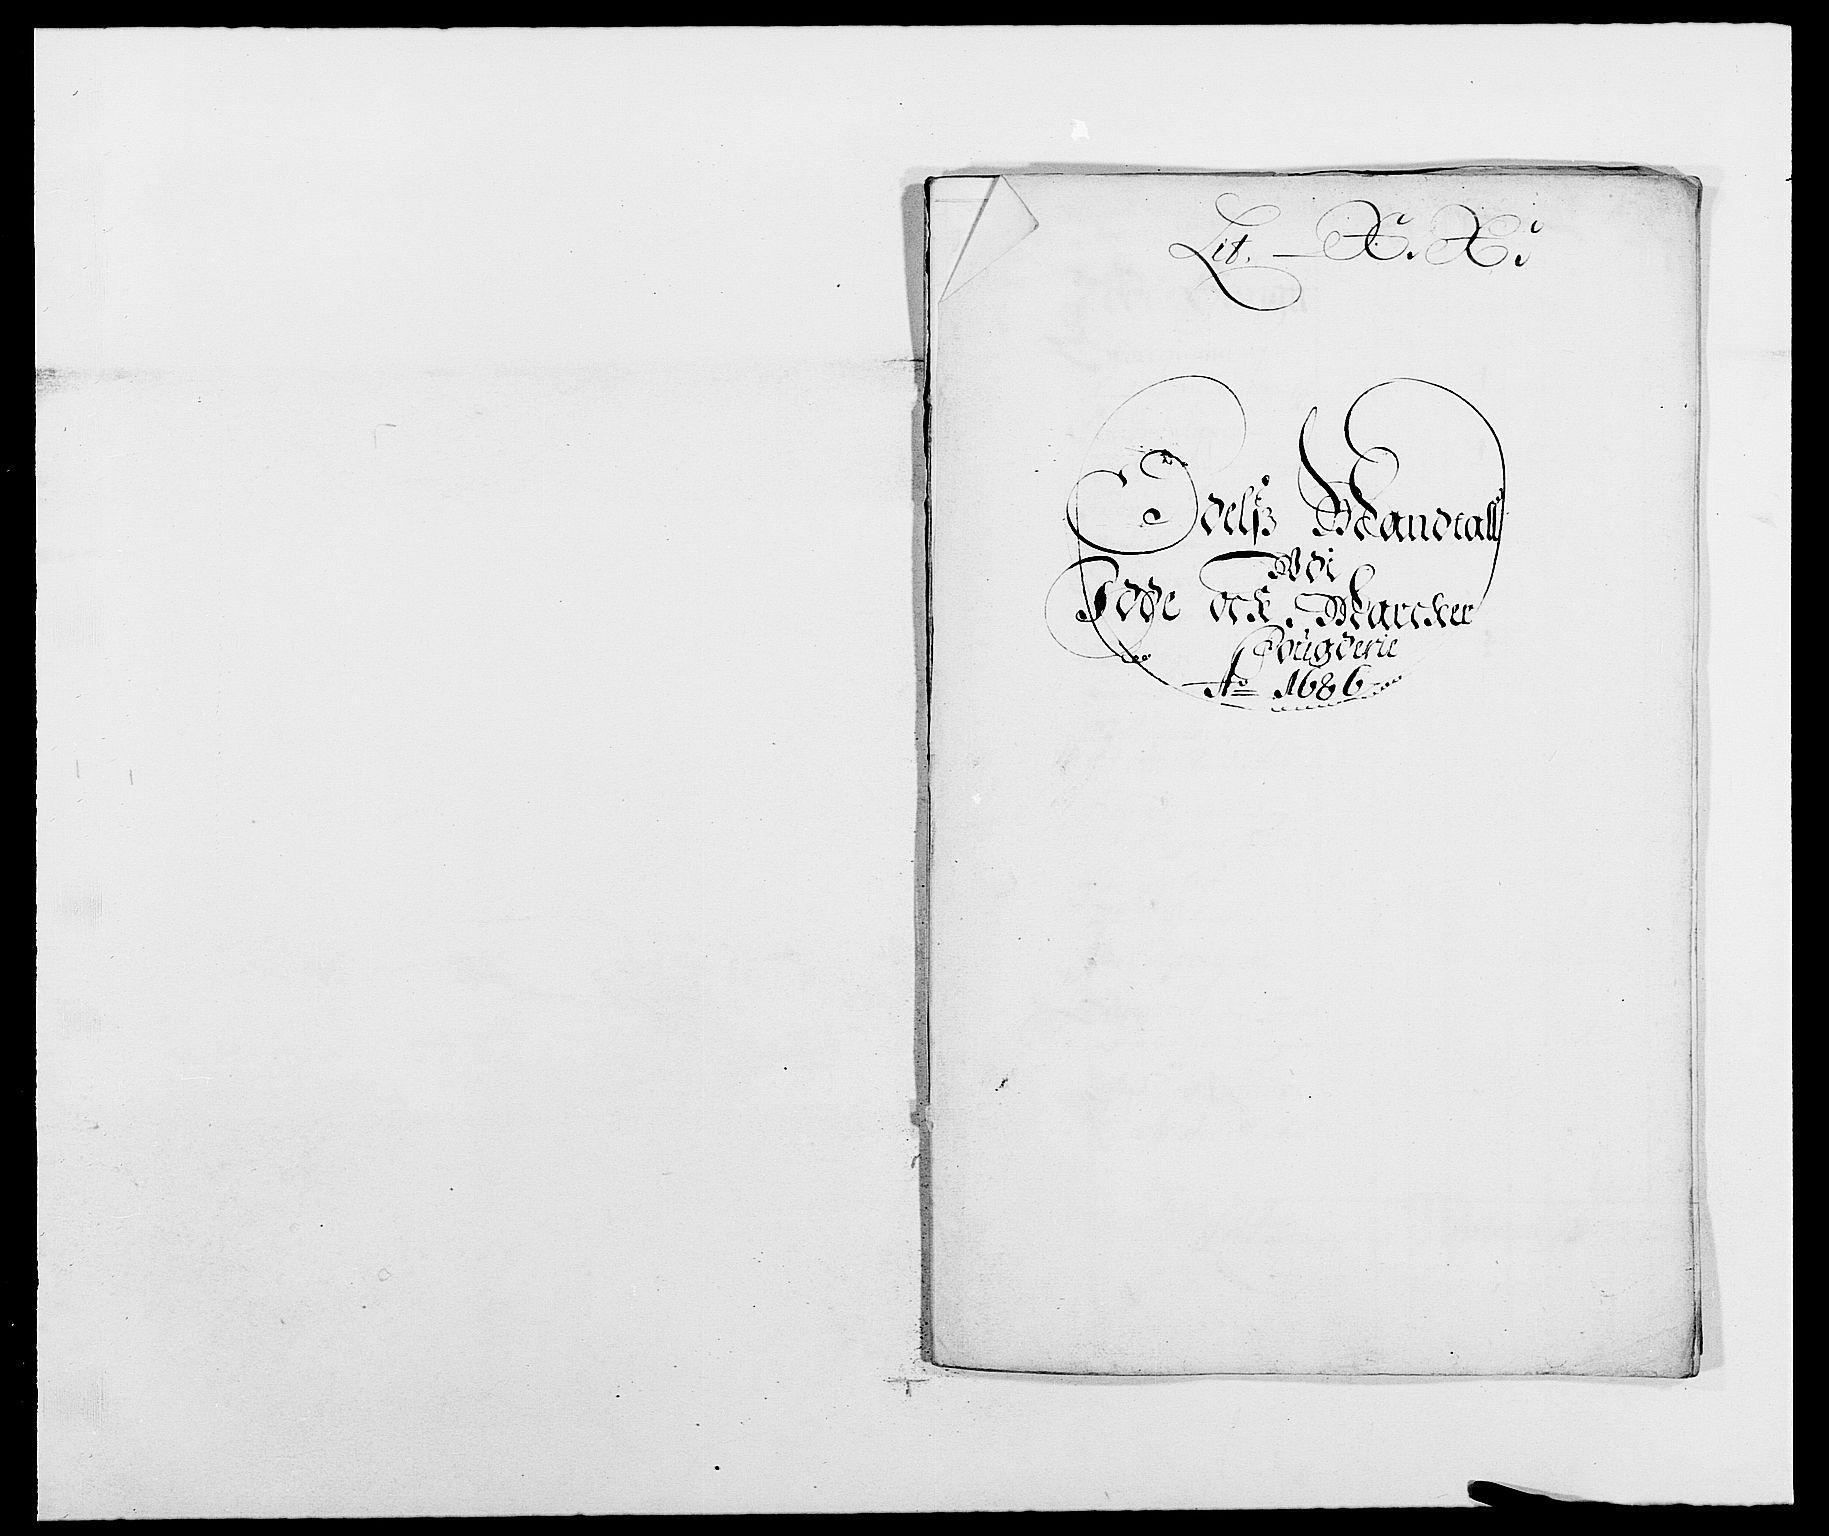 RA, Rentekammeret inntil 1814, Reviderte regnskaper, Fogderegnskap, R01/L0006: Fogderegnskap Idd og Marker, 1685-1686, s. 328